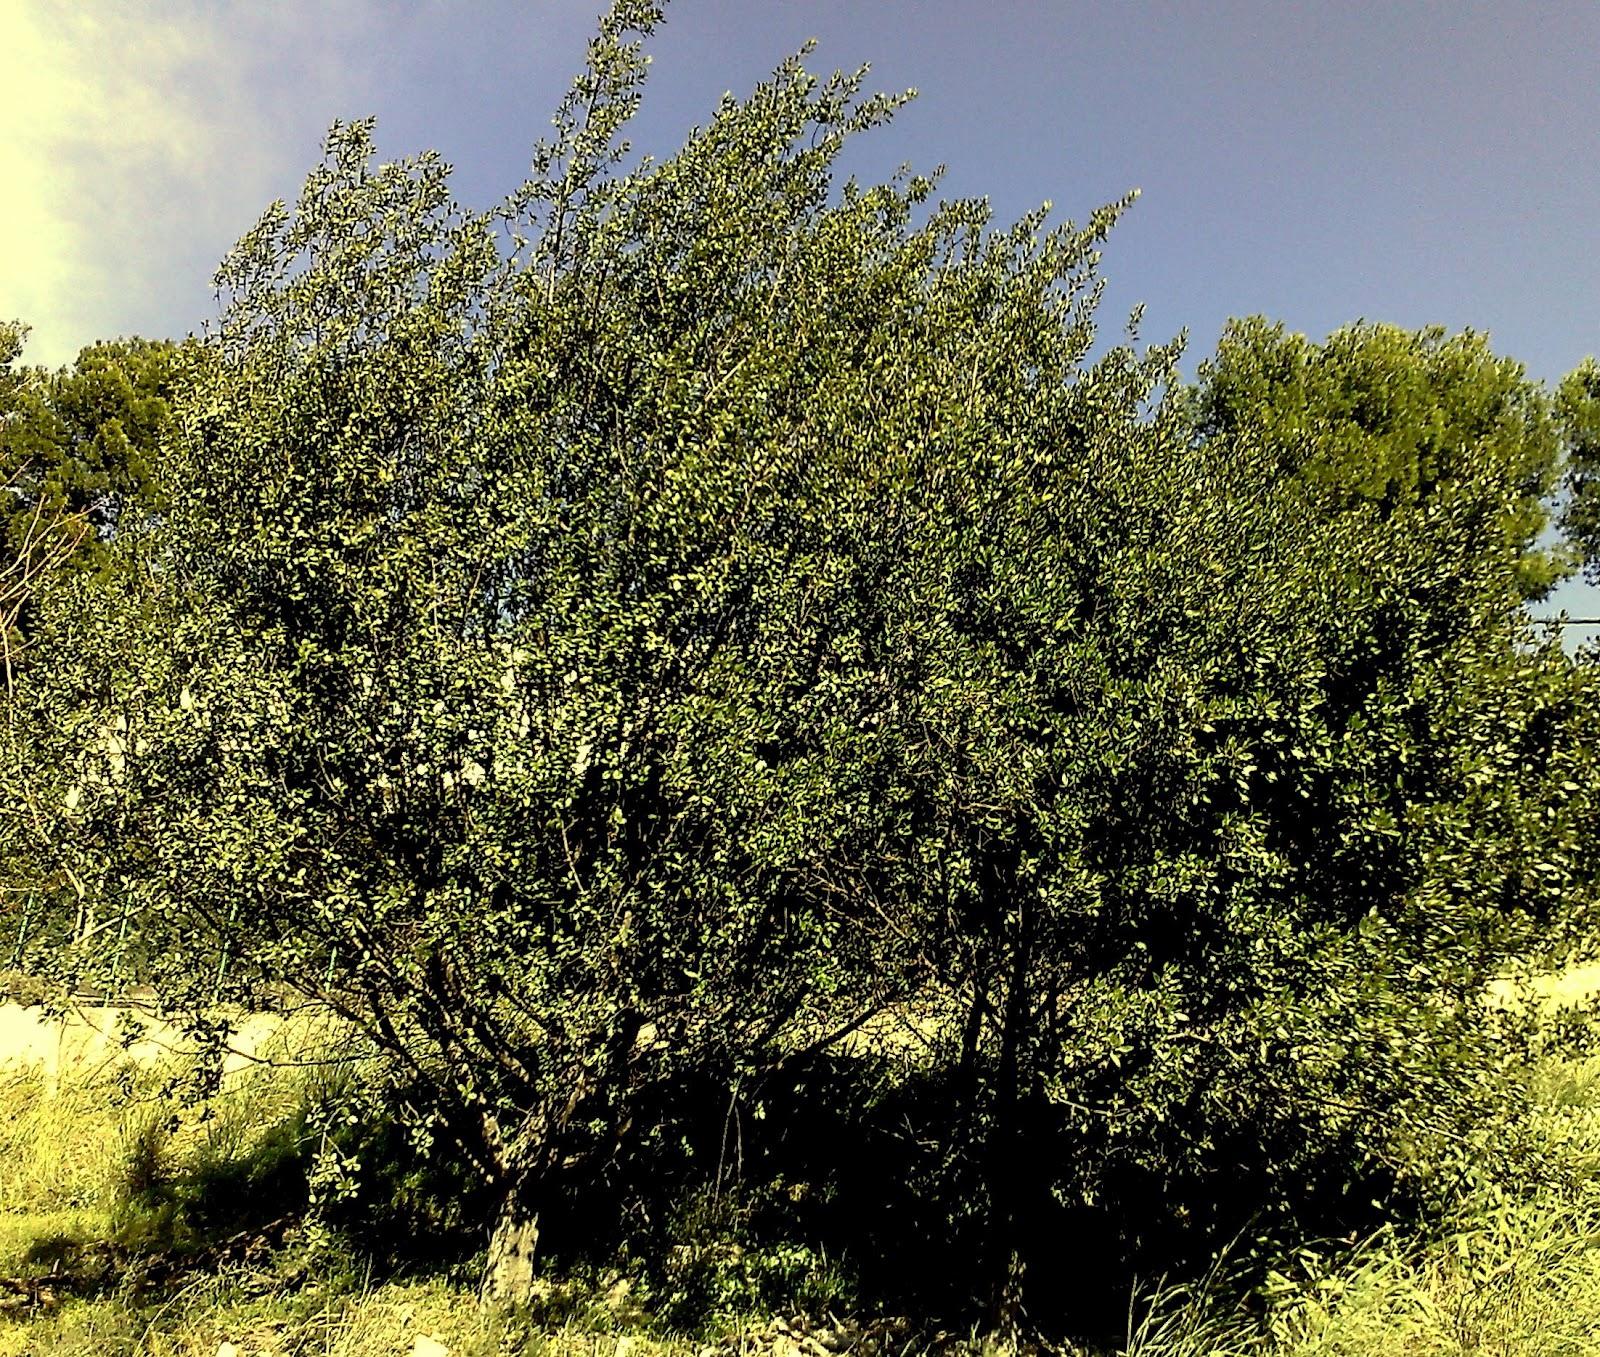 u00c1rboles con alma  aladierno  aladern   rhamnus alaternus